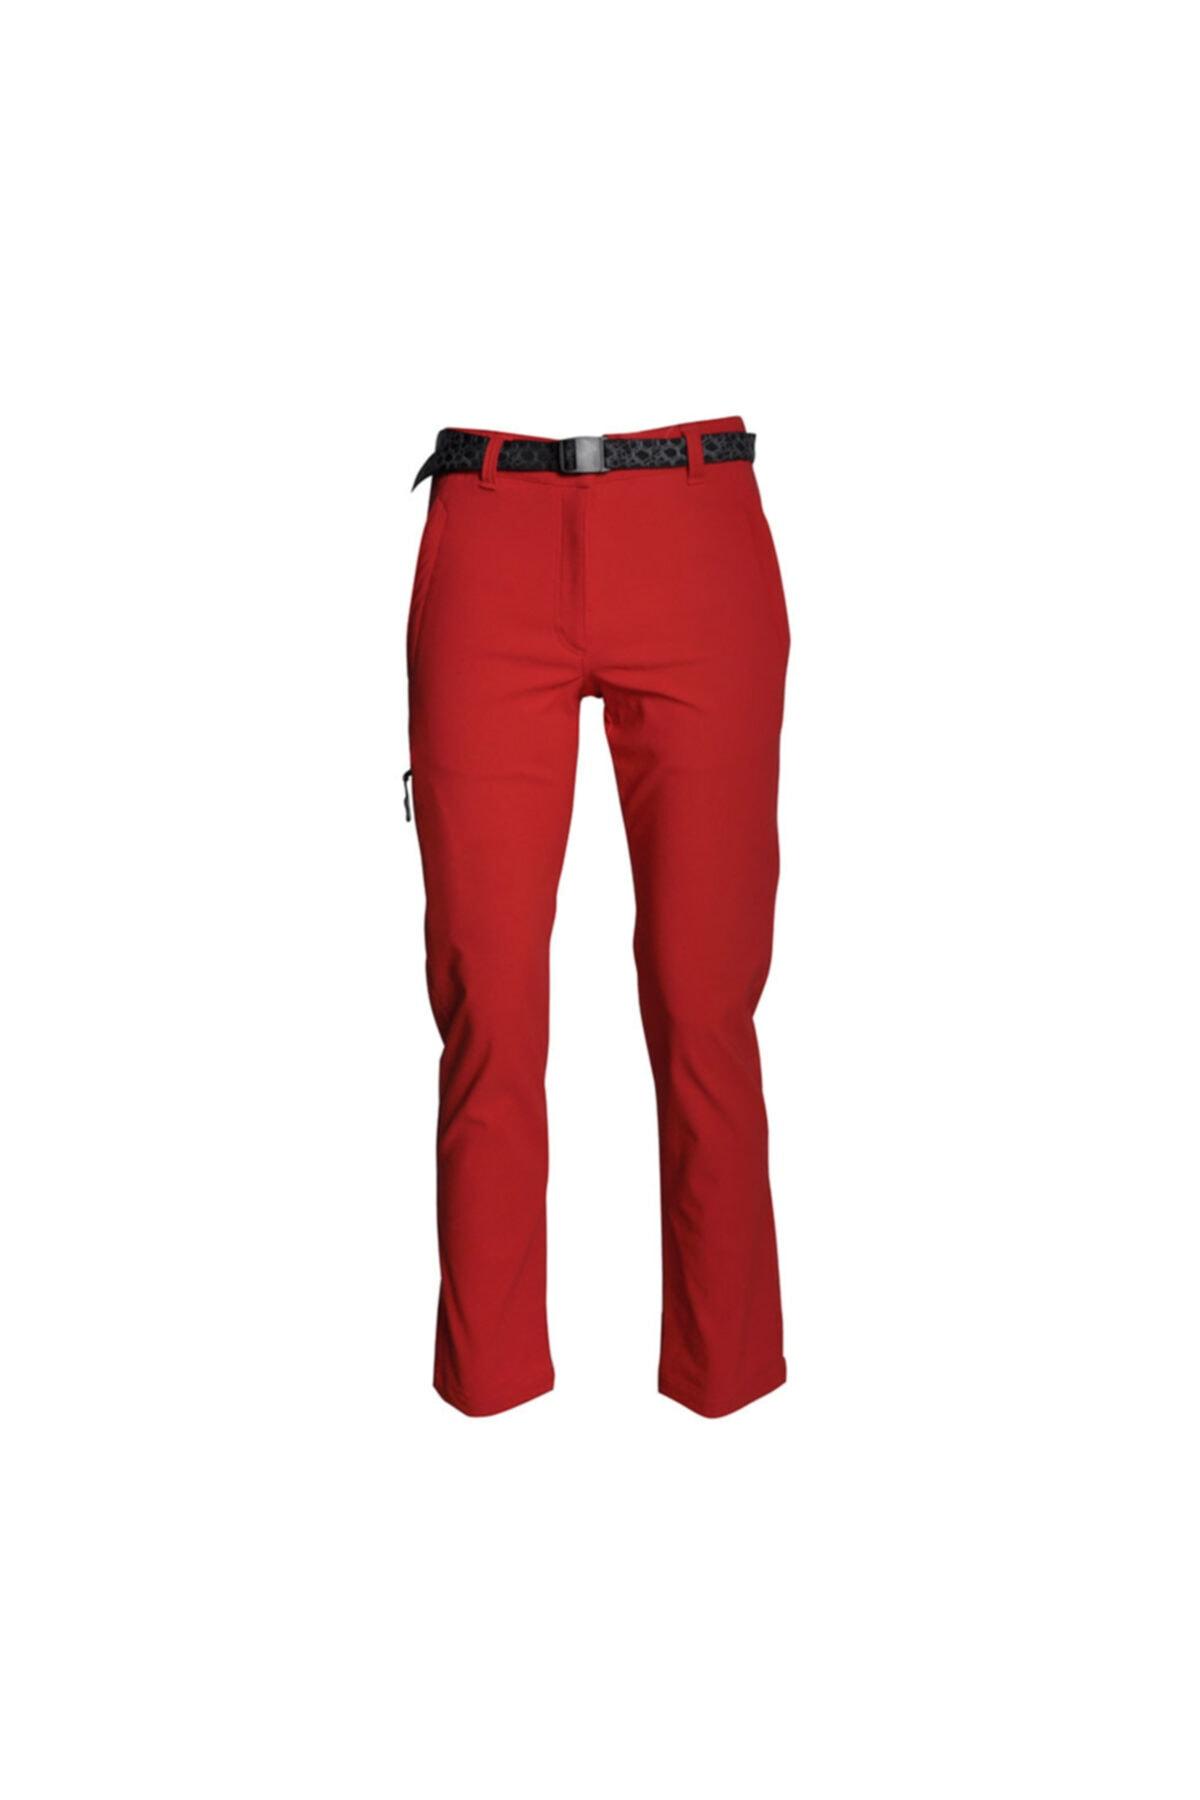 Freecamp Kadın Kırmızı Eiger Trekking Pantolon 1